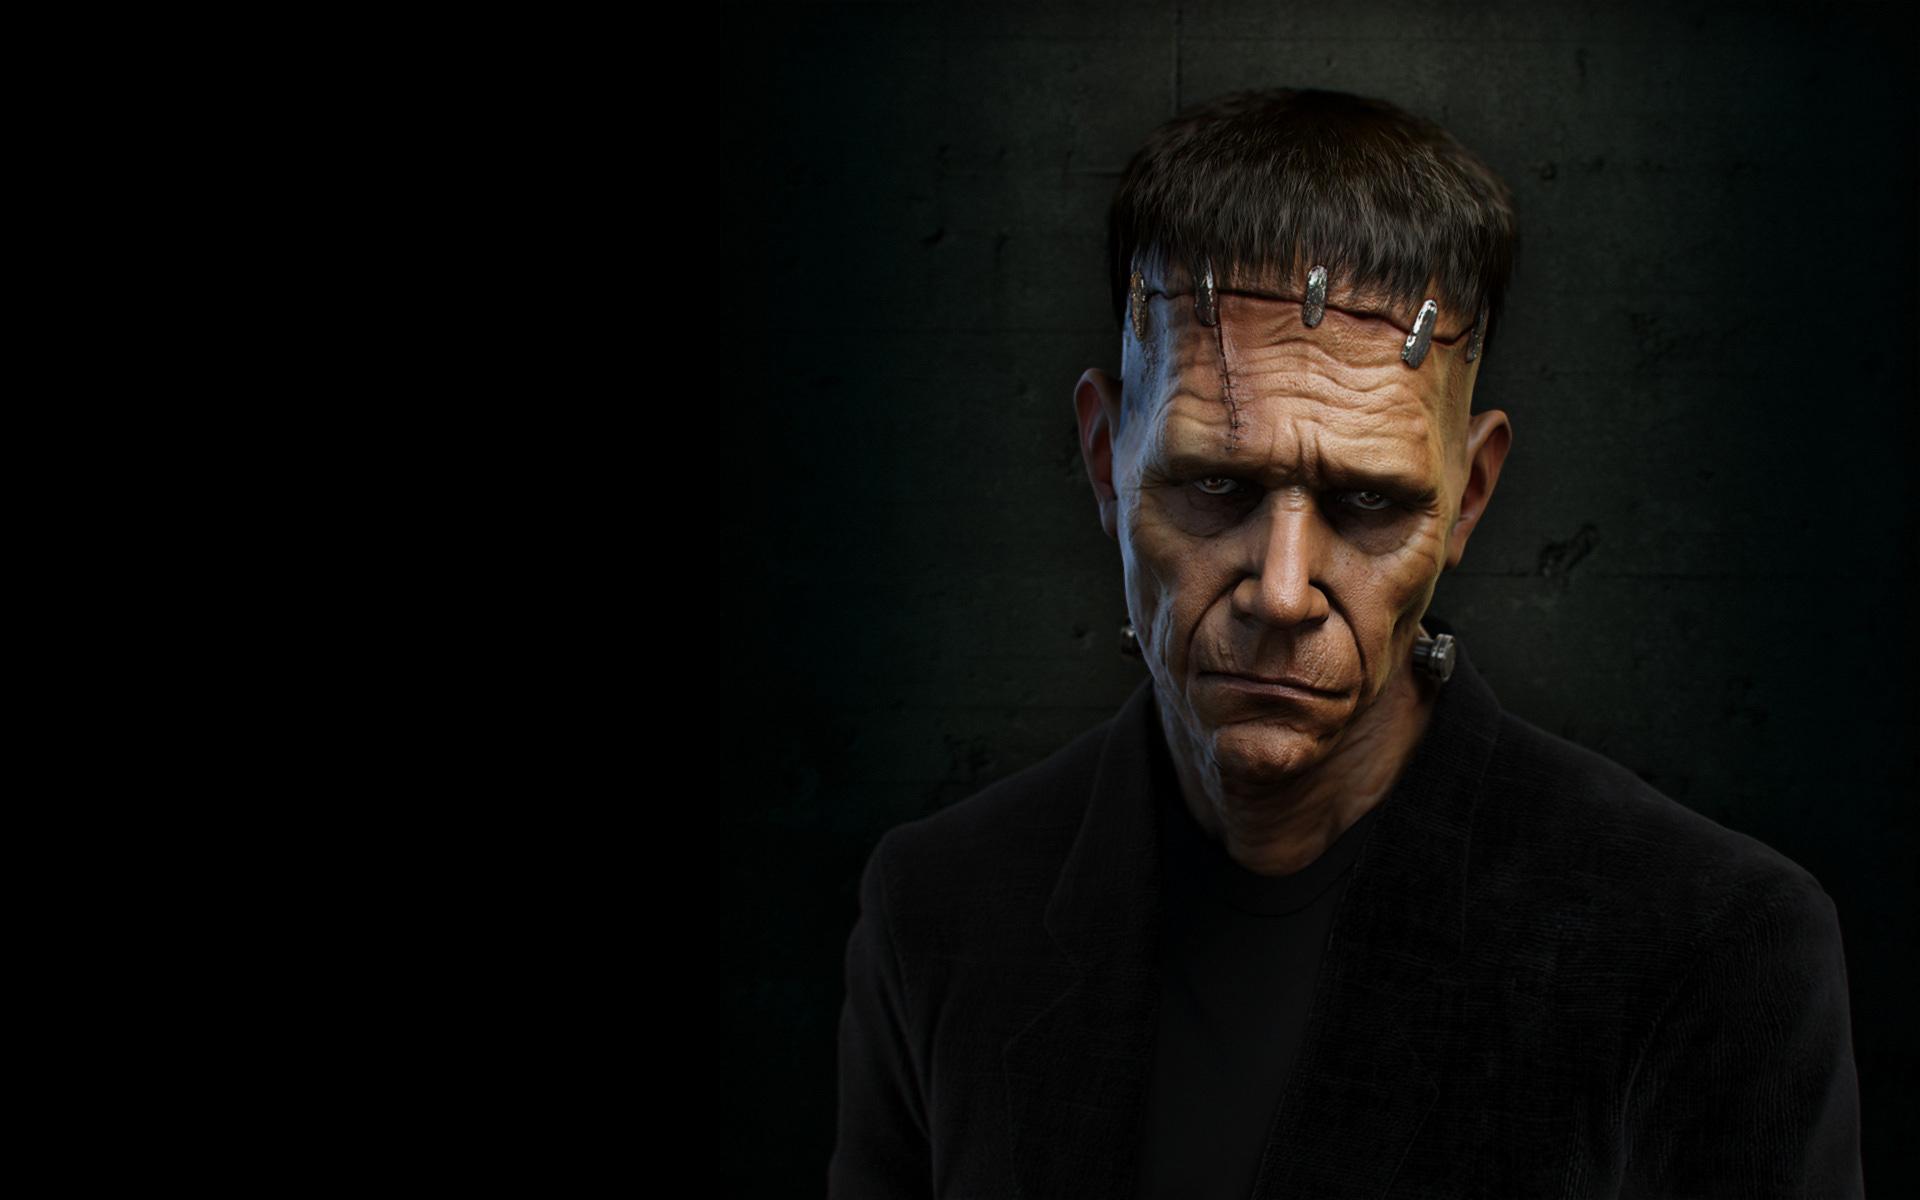 Frankenstein Computer Wallpapers, Desktop Backgrounds